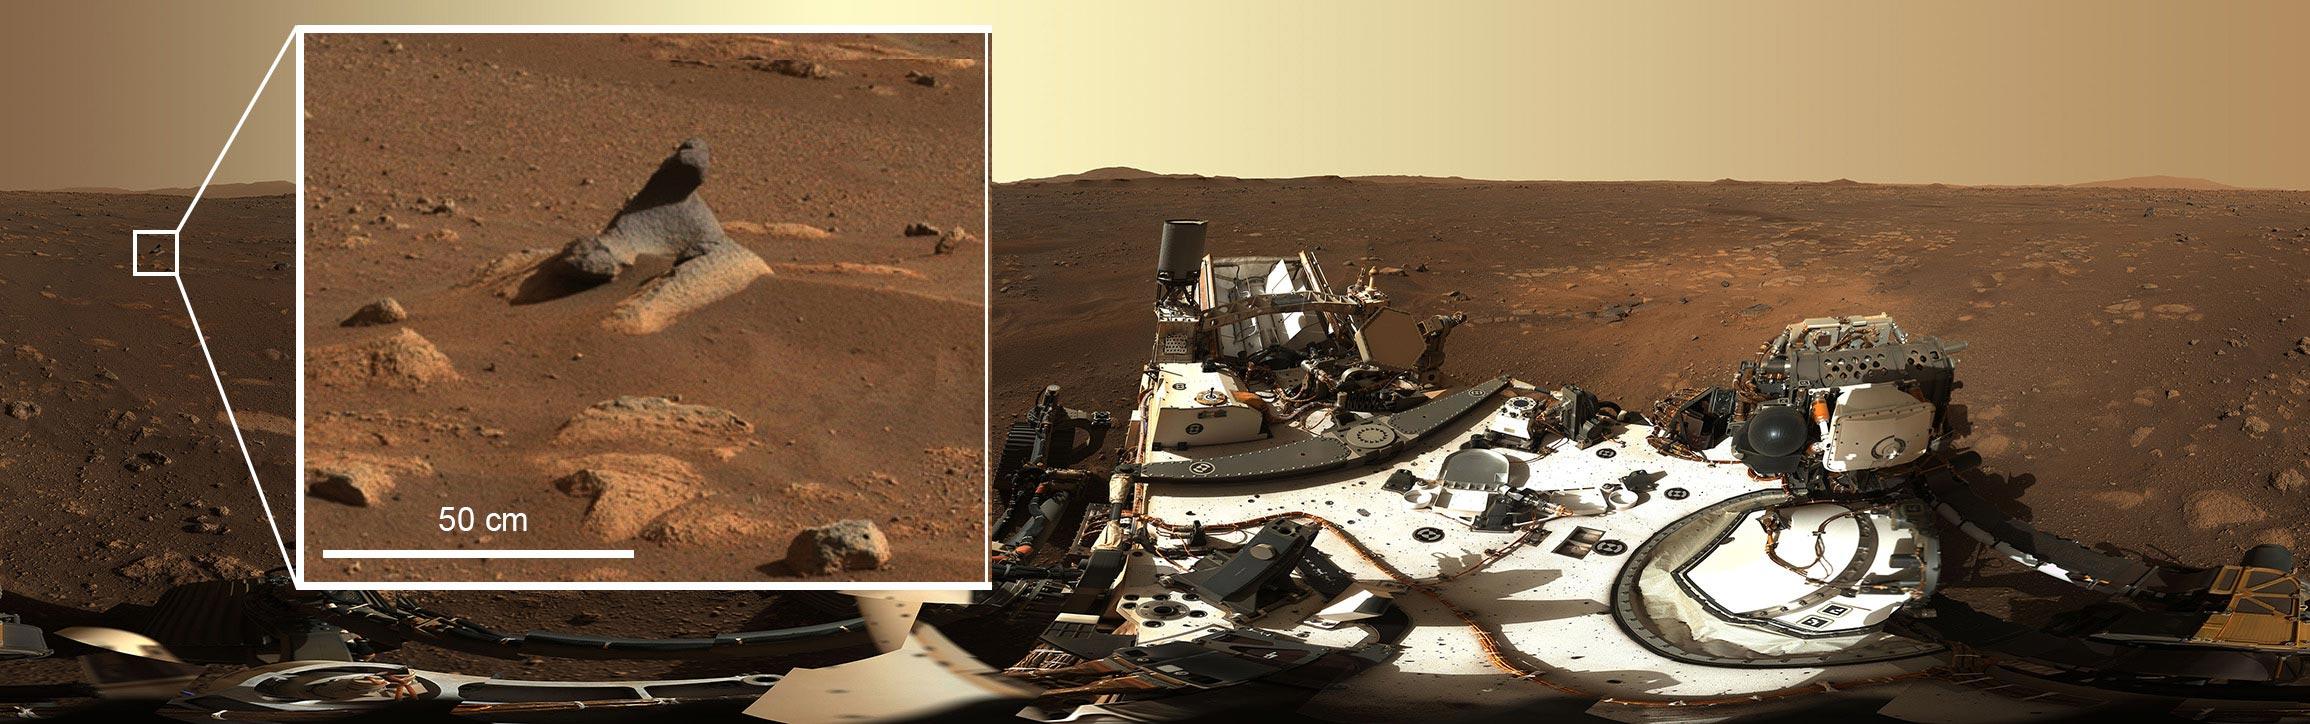 ريح المريخ منحوتة الصخور